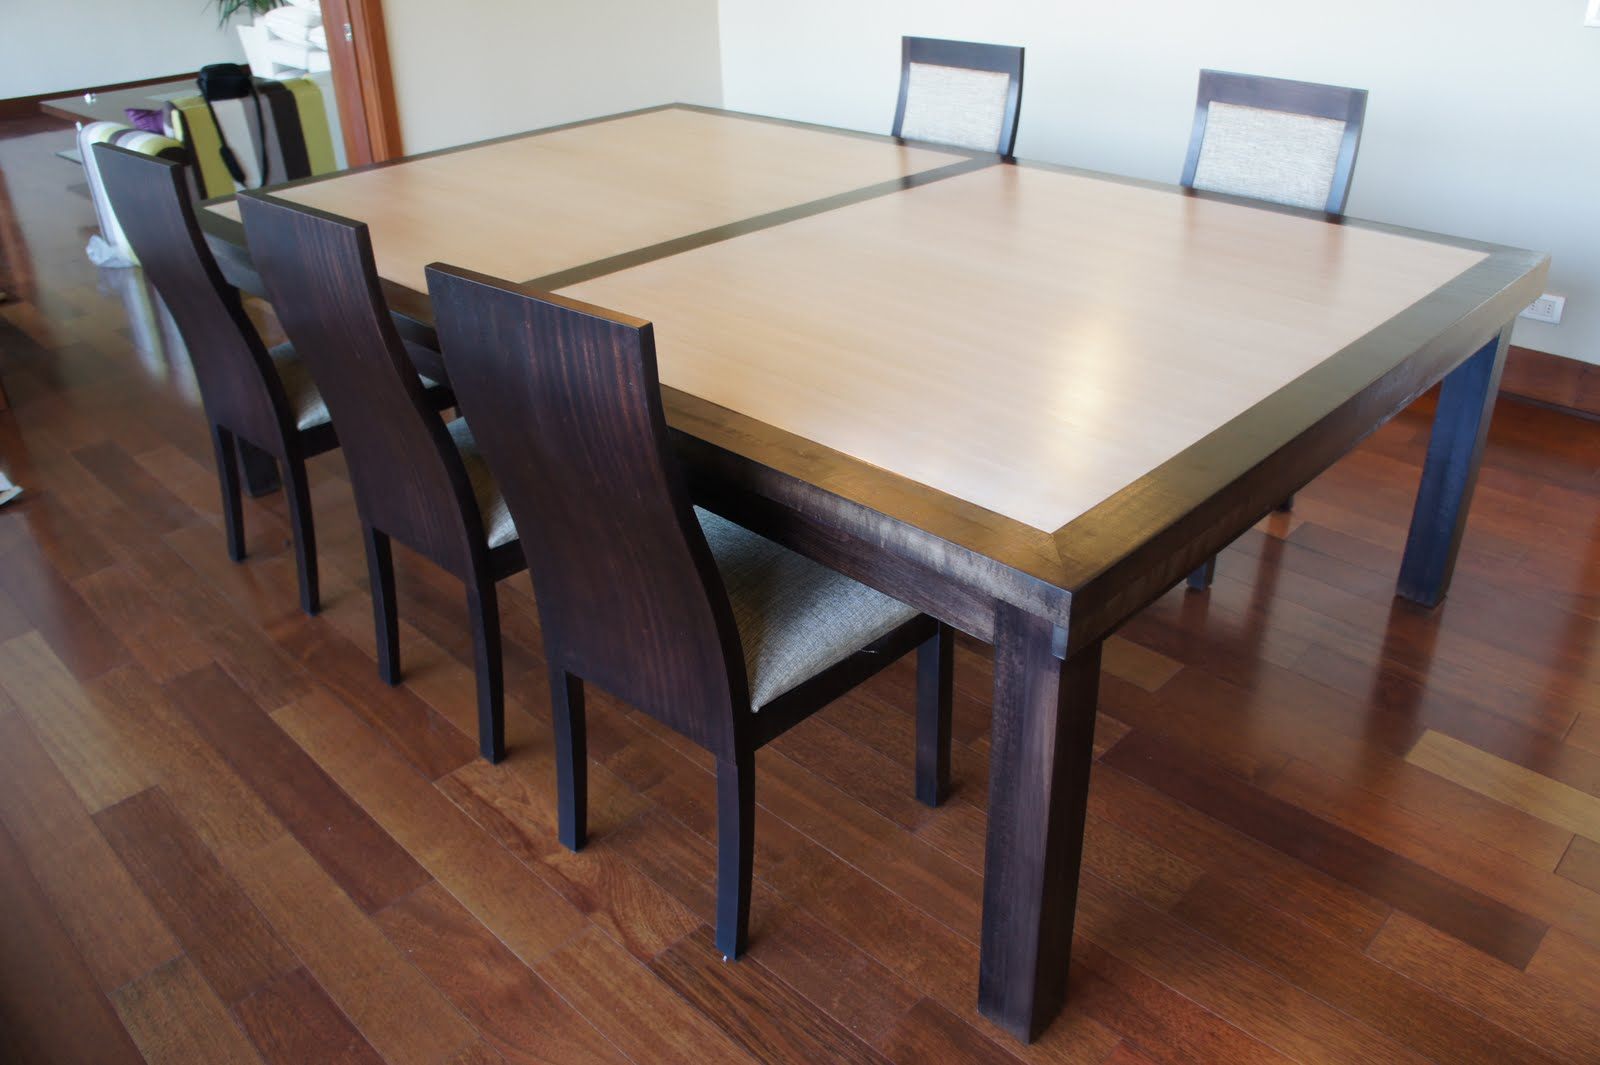 Muebles sanchez mesa de comedor - Muebles sanchez parla ...